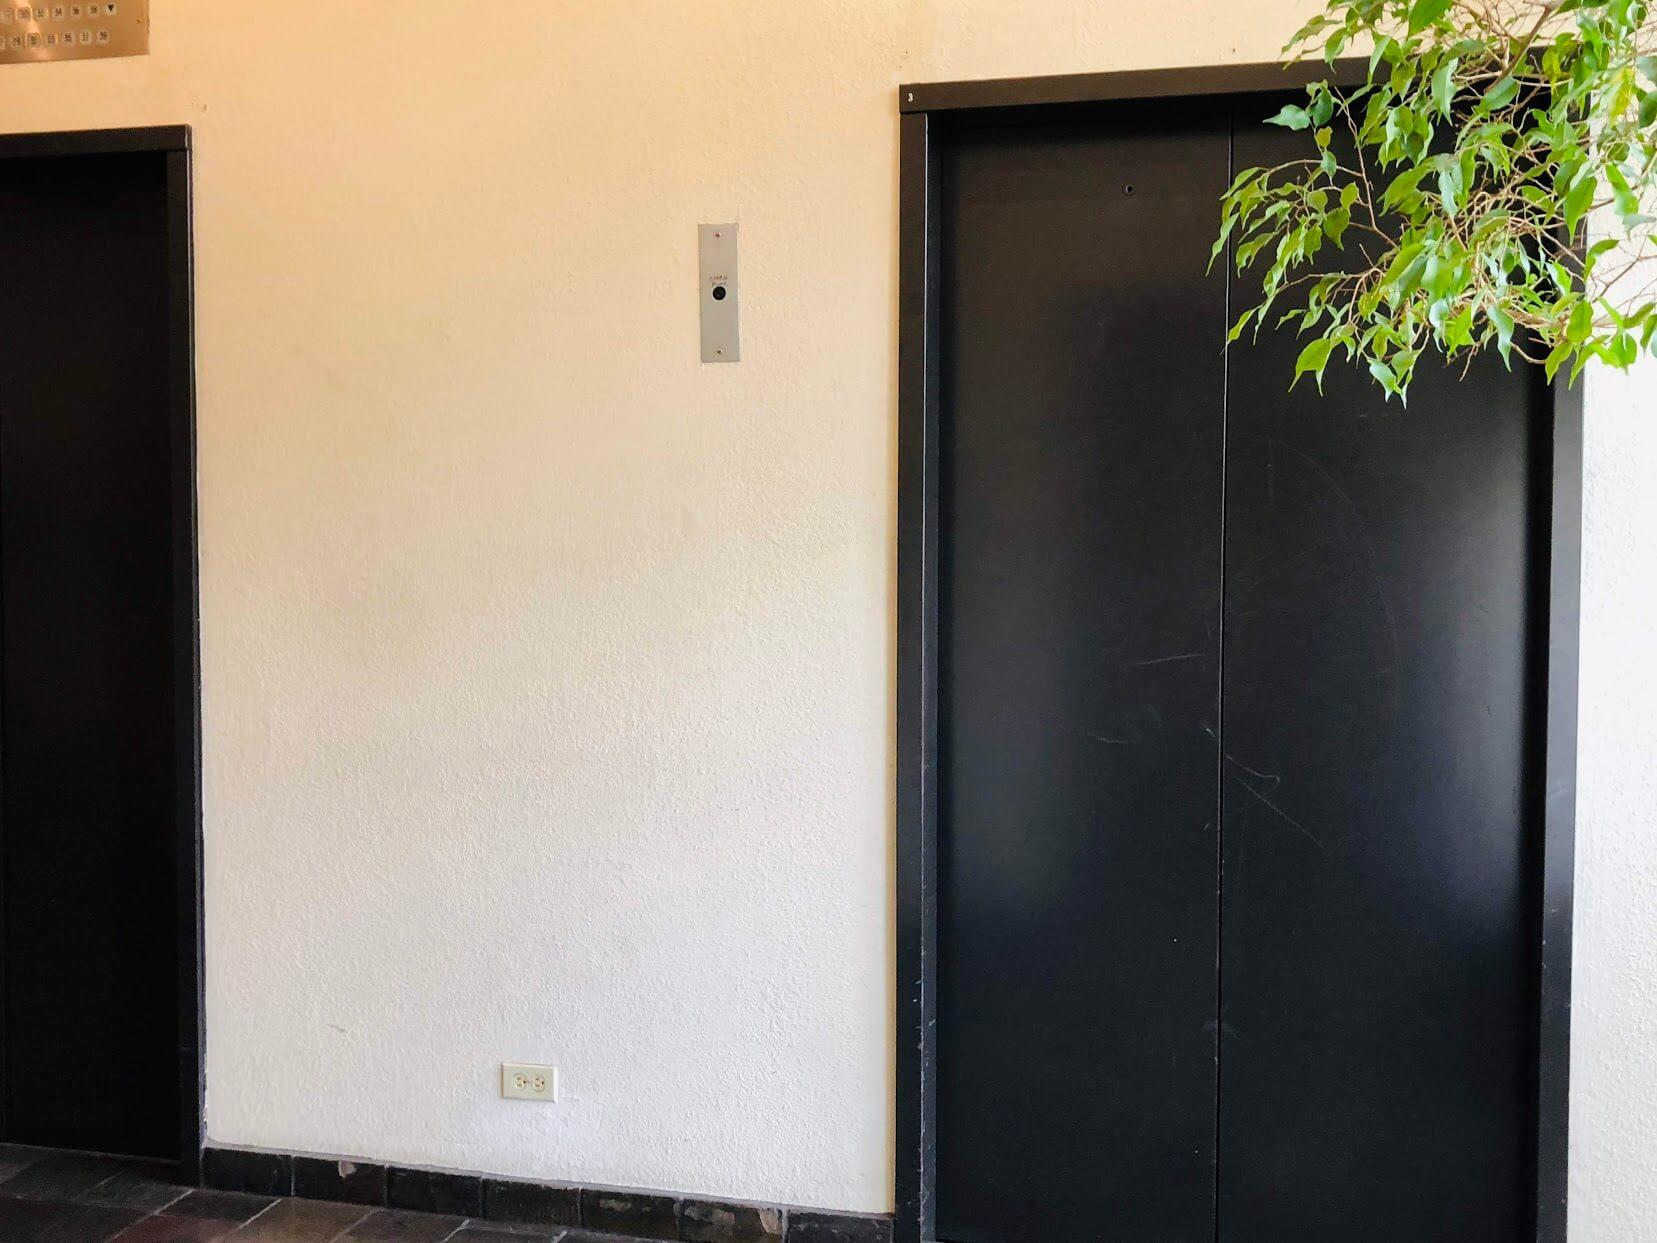 Iolani Court Plazaのエレベーター